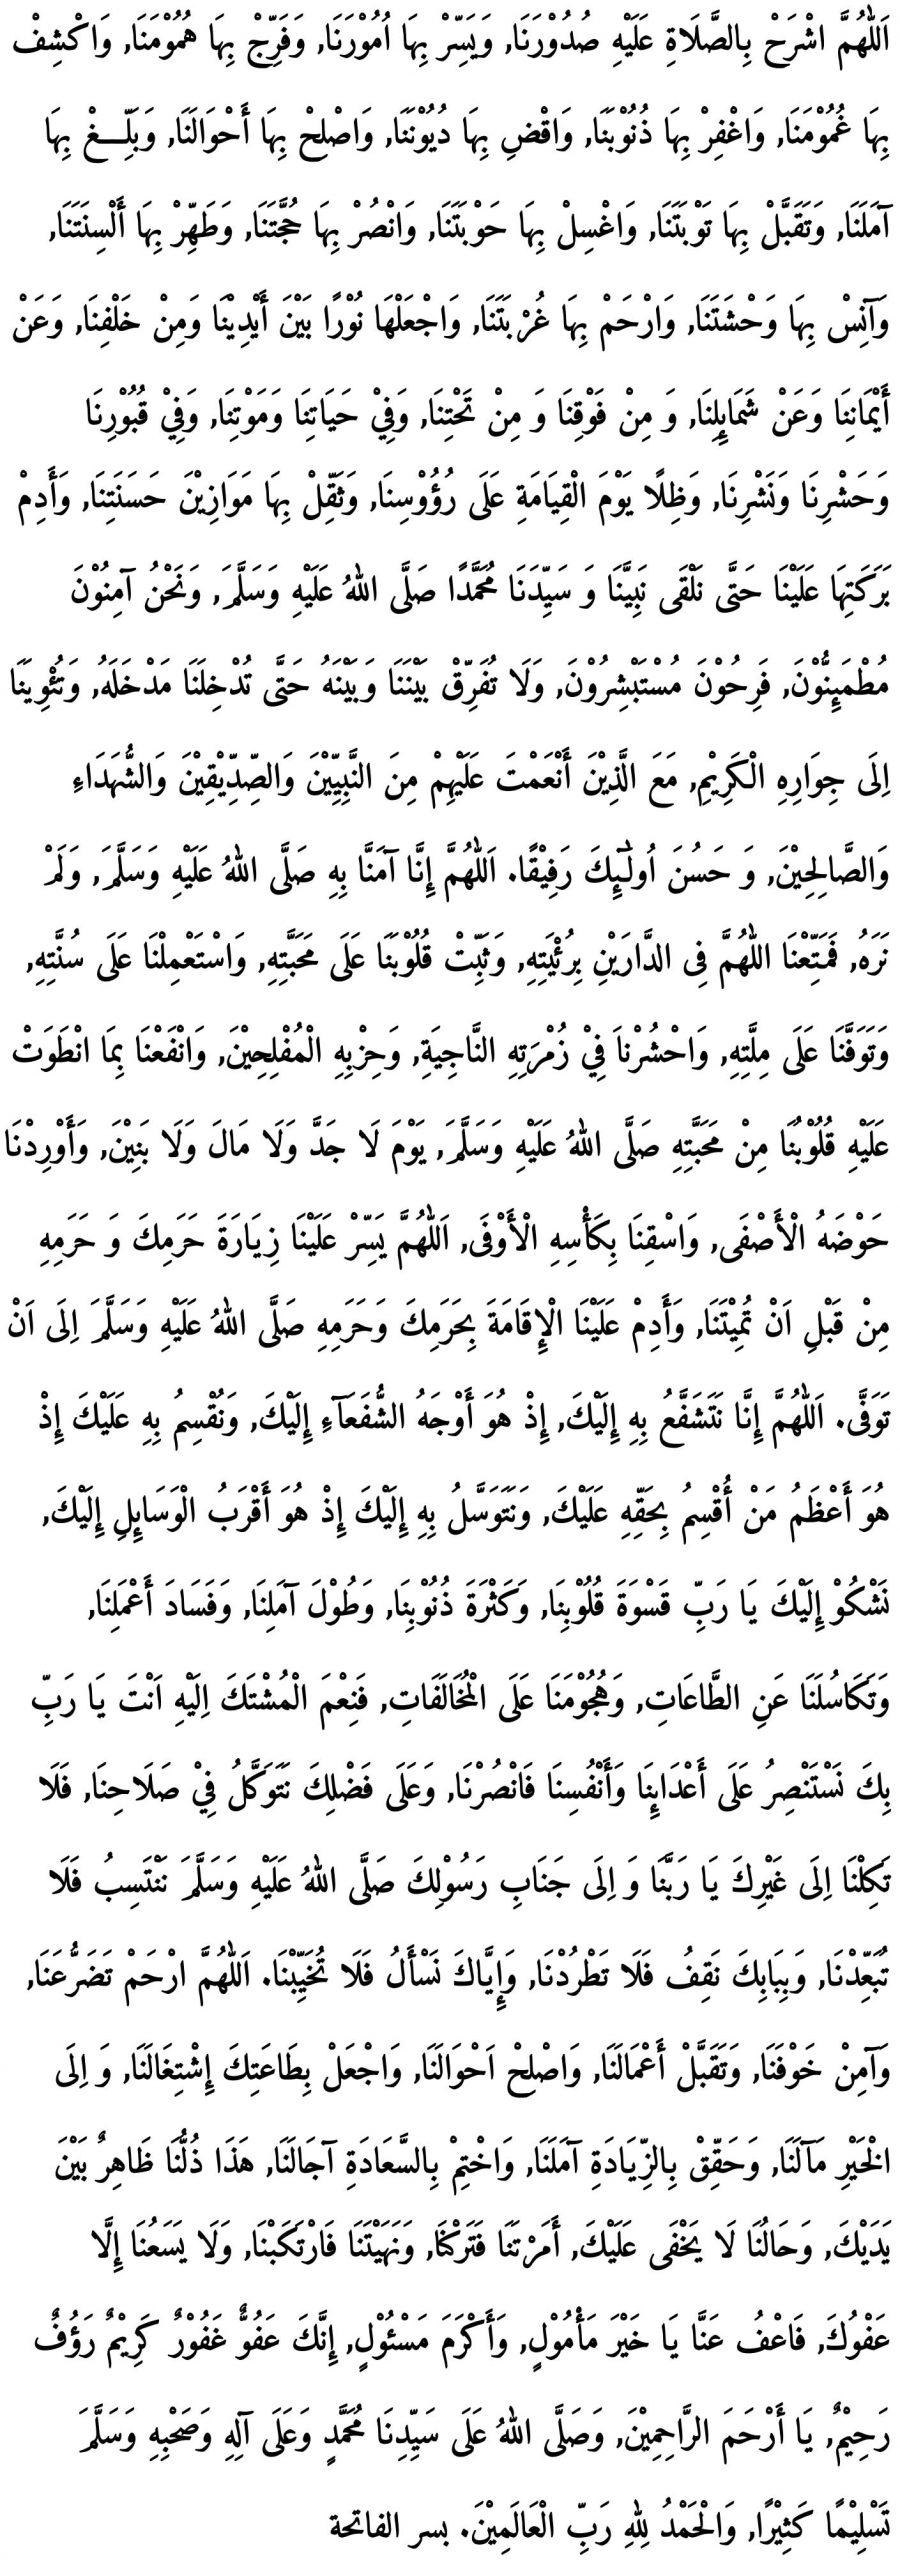 Doa setelah membaca shalawat nabi